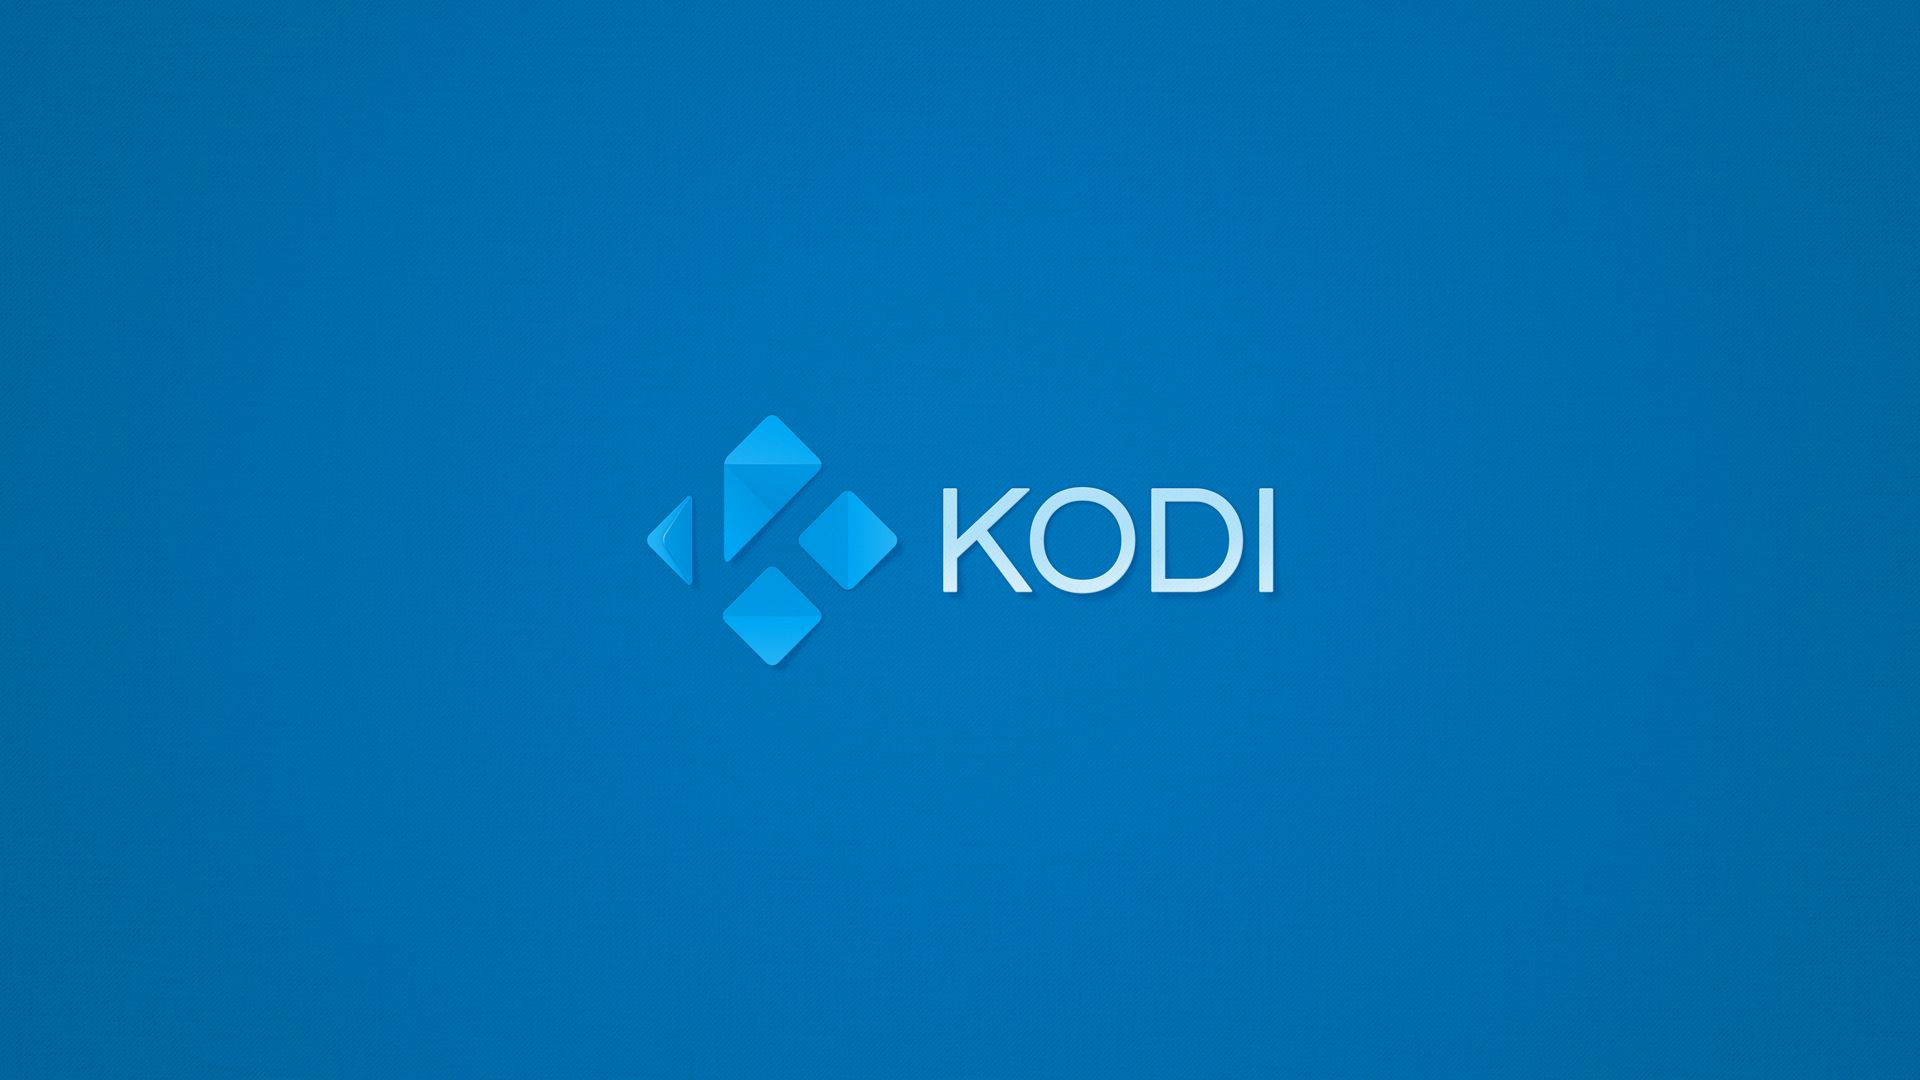 Kodi laptop wallpaper